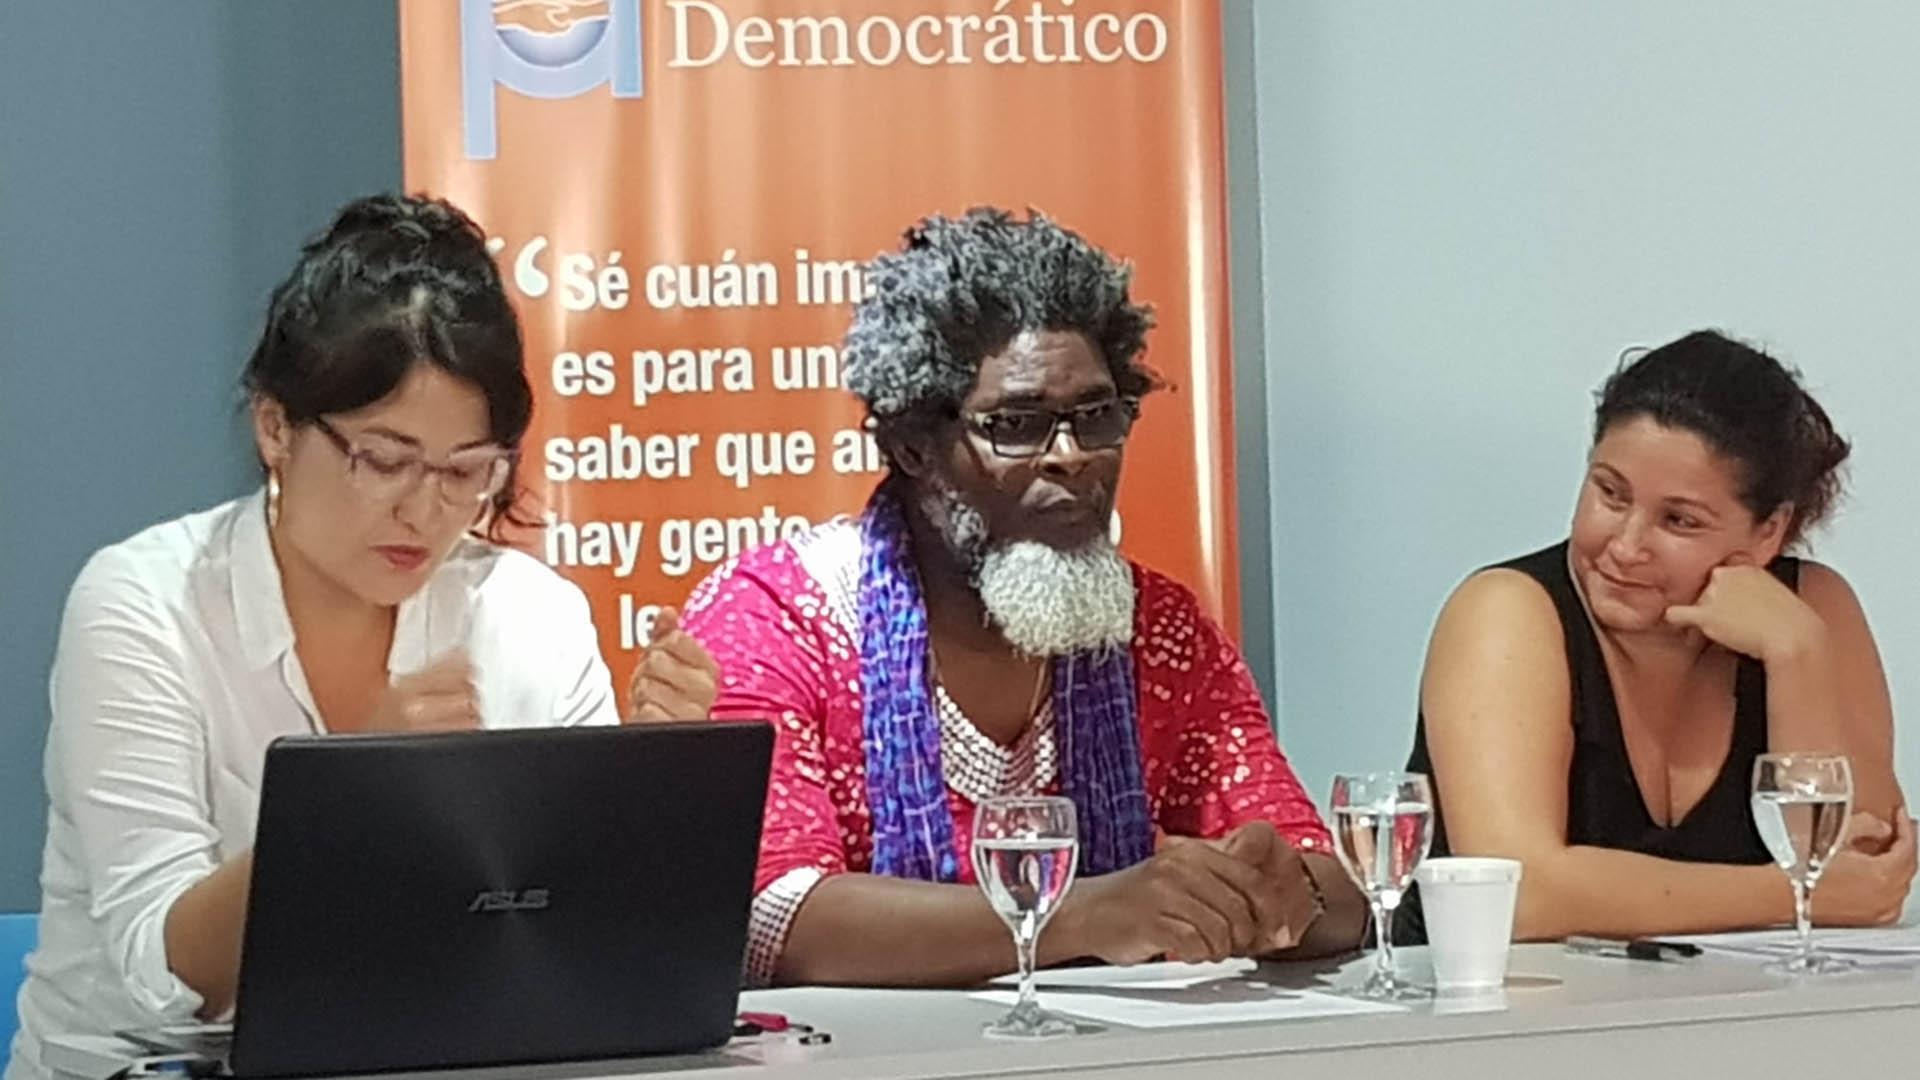 """El poeta Amaury Pacheco y la actriz Iris Ruiz (der) en la conferencia sobre """"Derechos culturales y desafíos a la libertad artística en Cuba"""", junto a Diana Arévalo, Coordinadora de Proyectos de CADAL"""